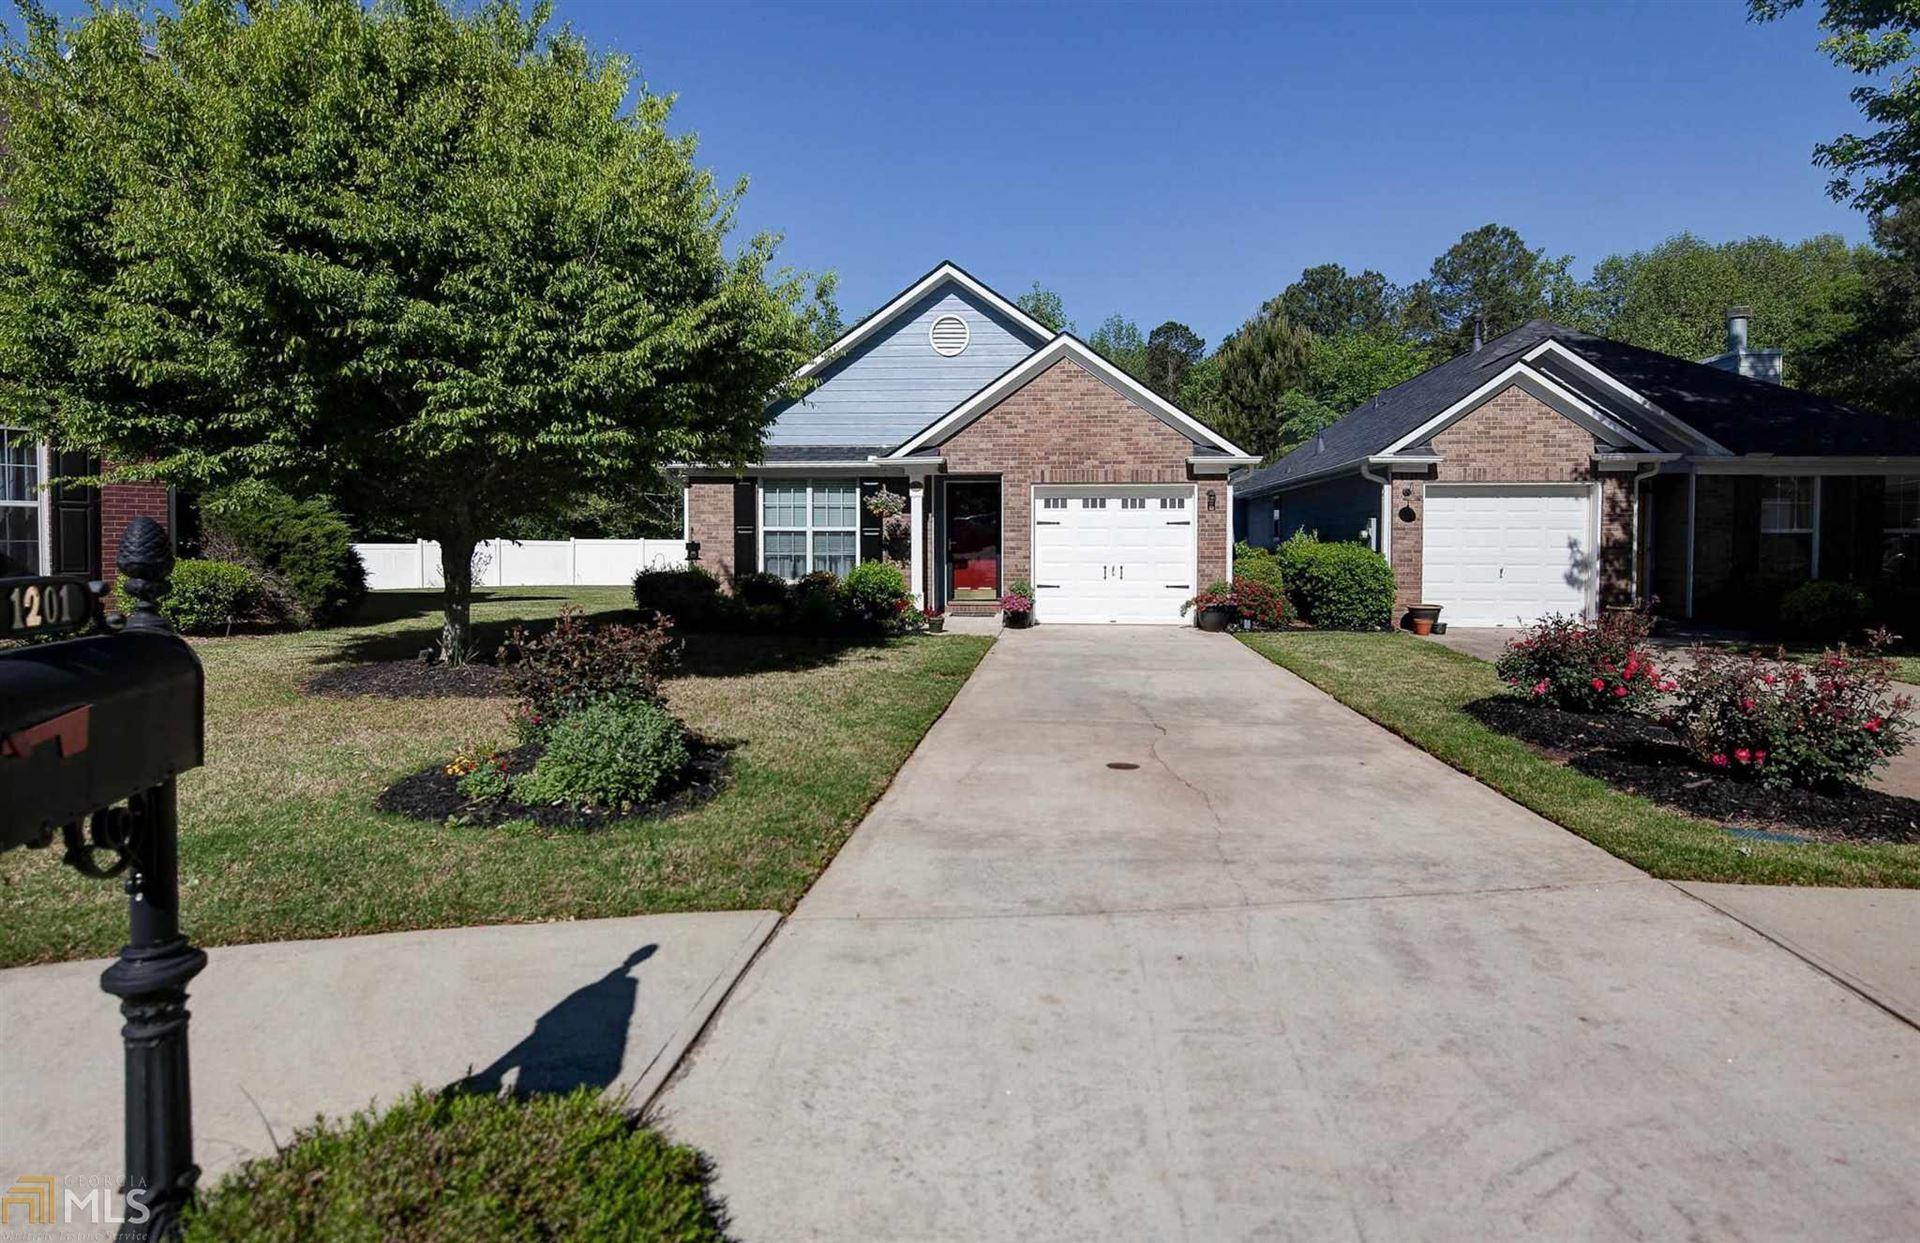 1201 Gates, Atlanta, GA 30316 - MLS#: 8970901